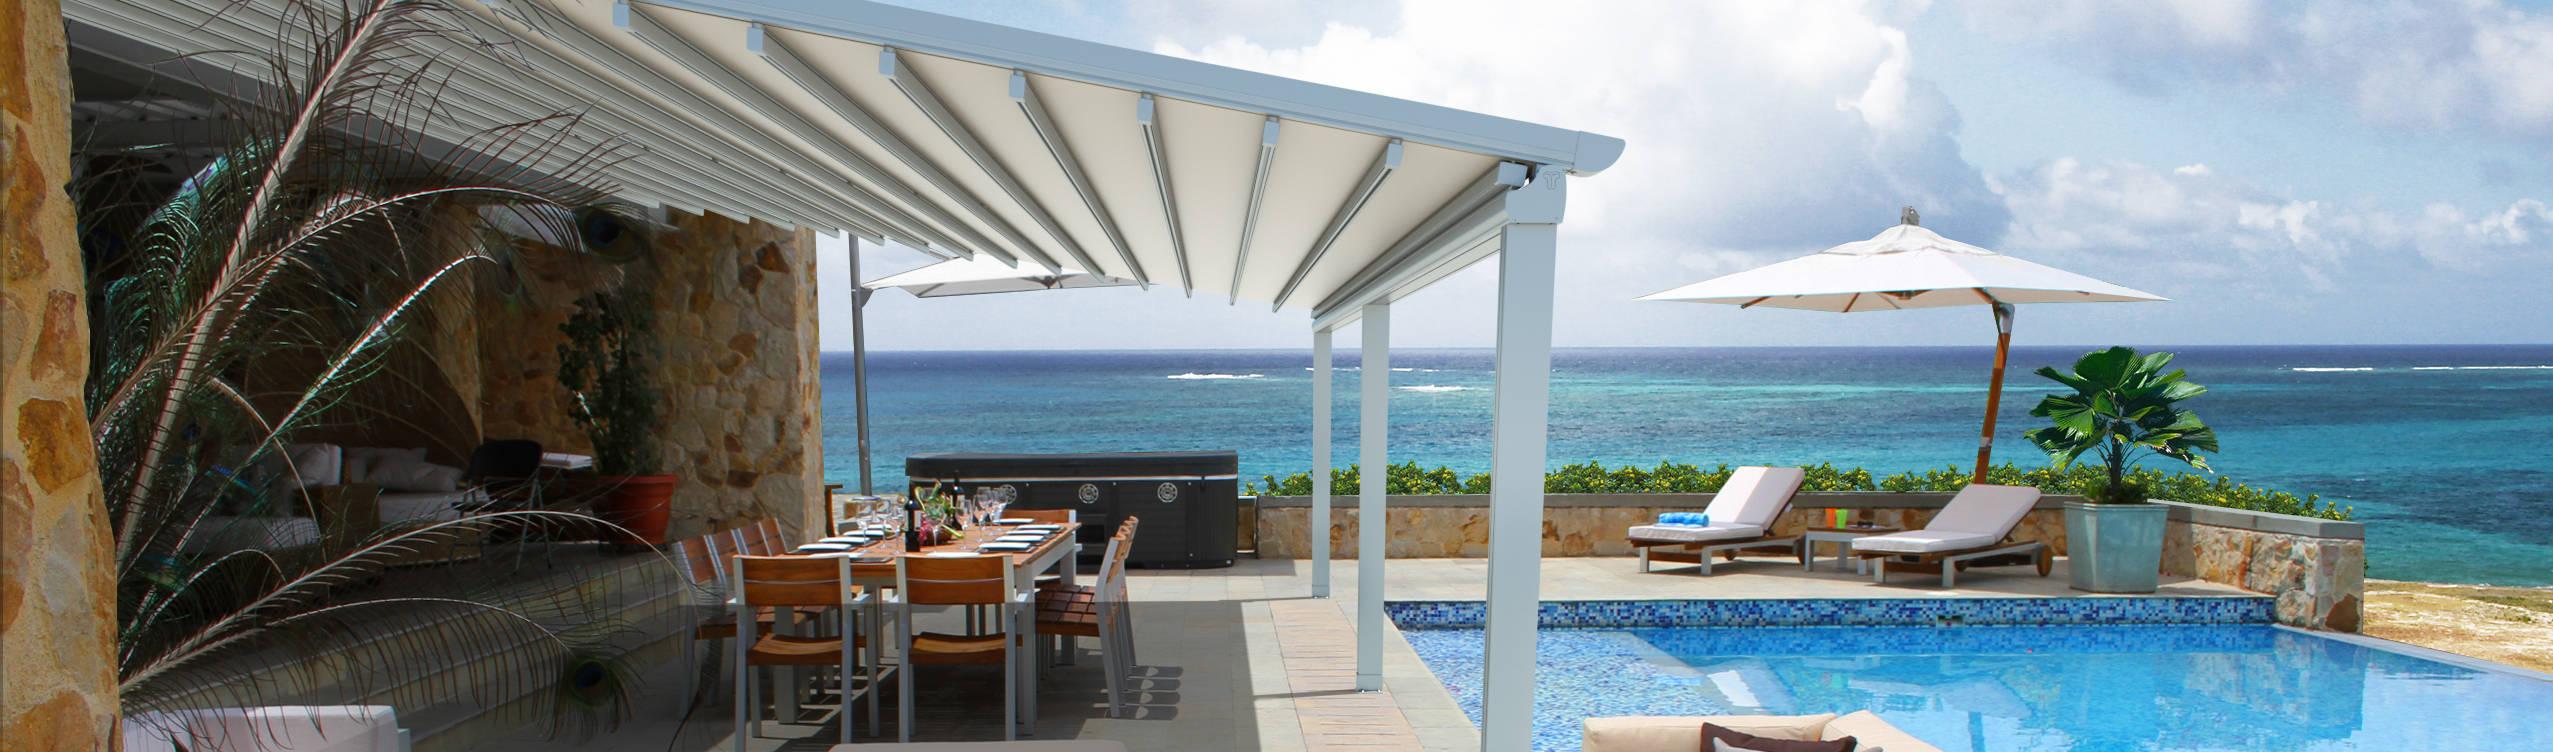 Parasoles Tropicales—Arquitectura Exterior